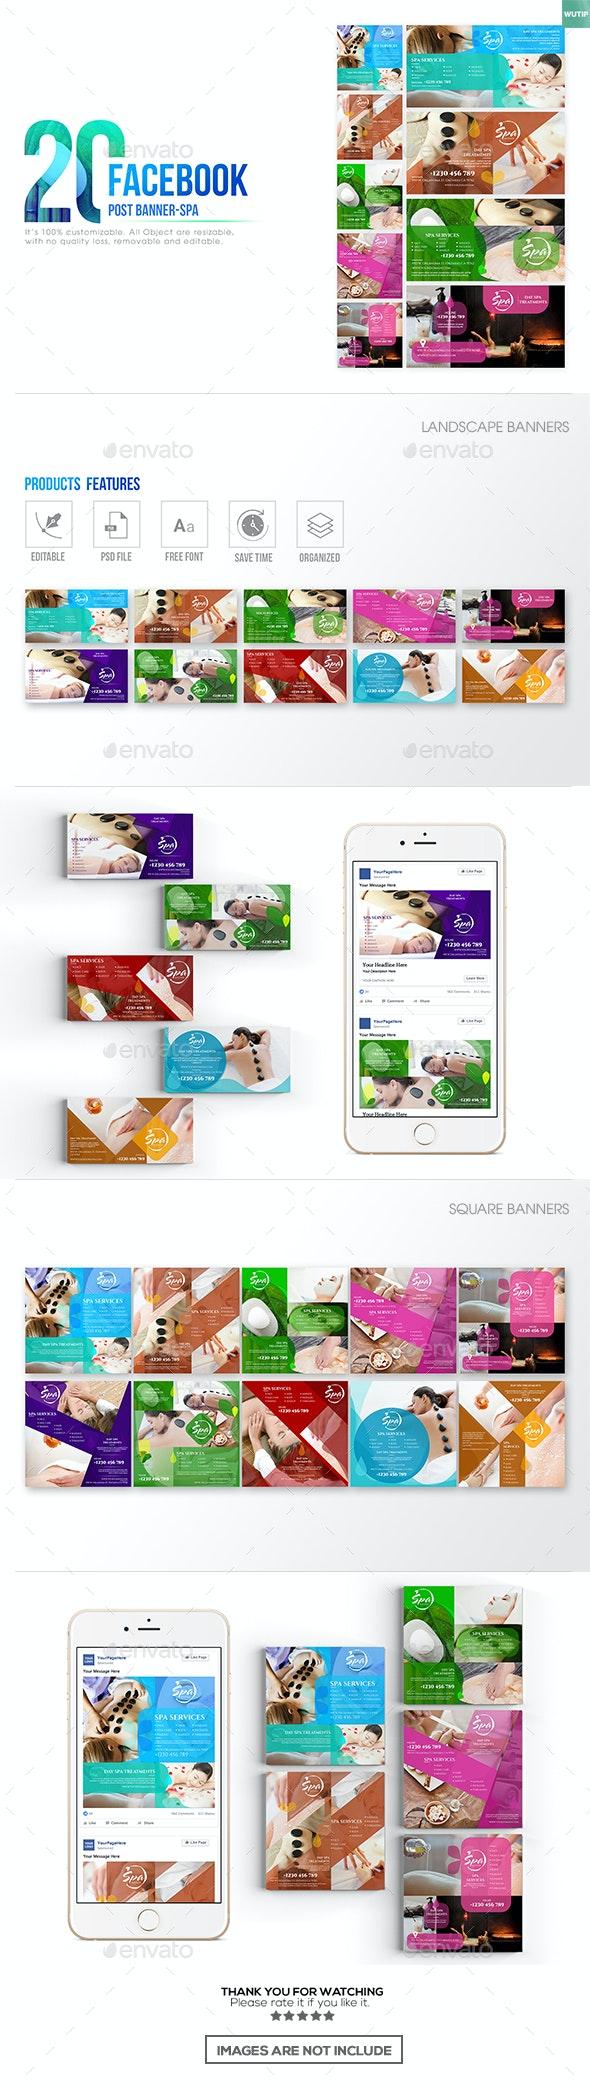 20 Facebook Post Banner - Spa - Miscellaneous Social Media